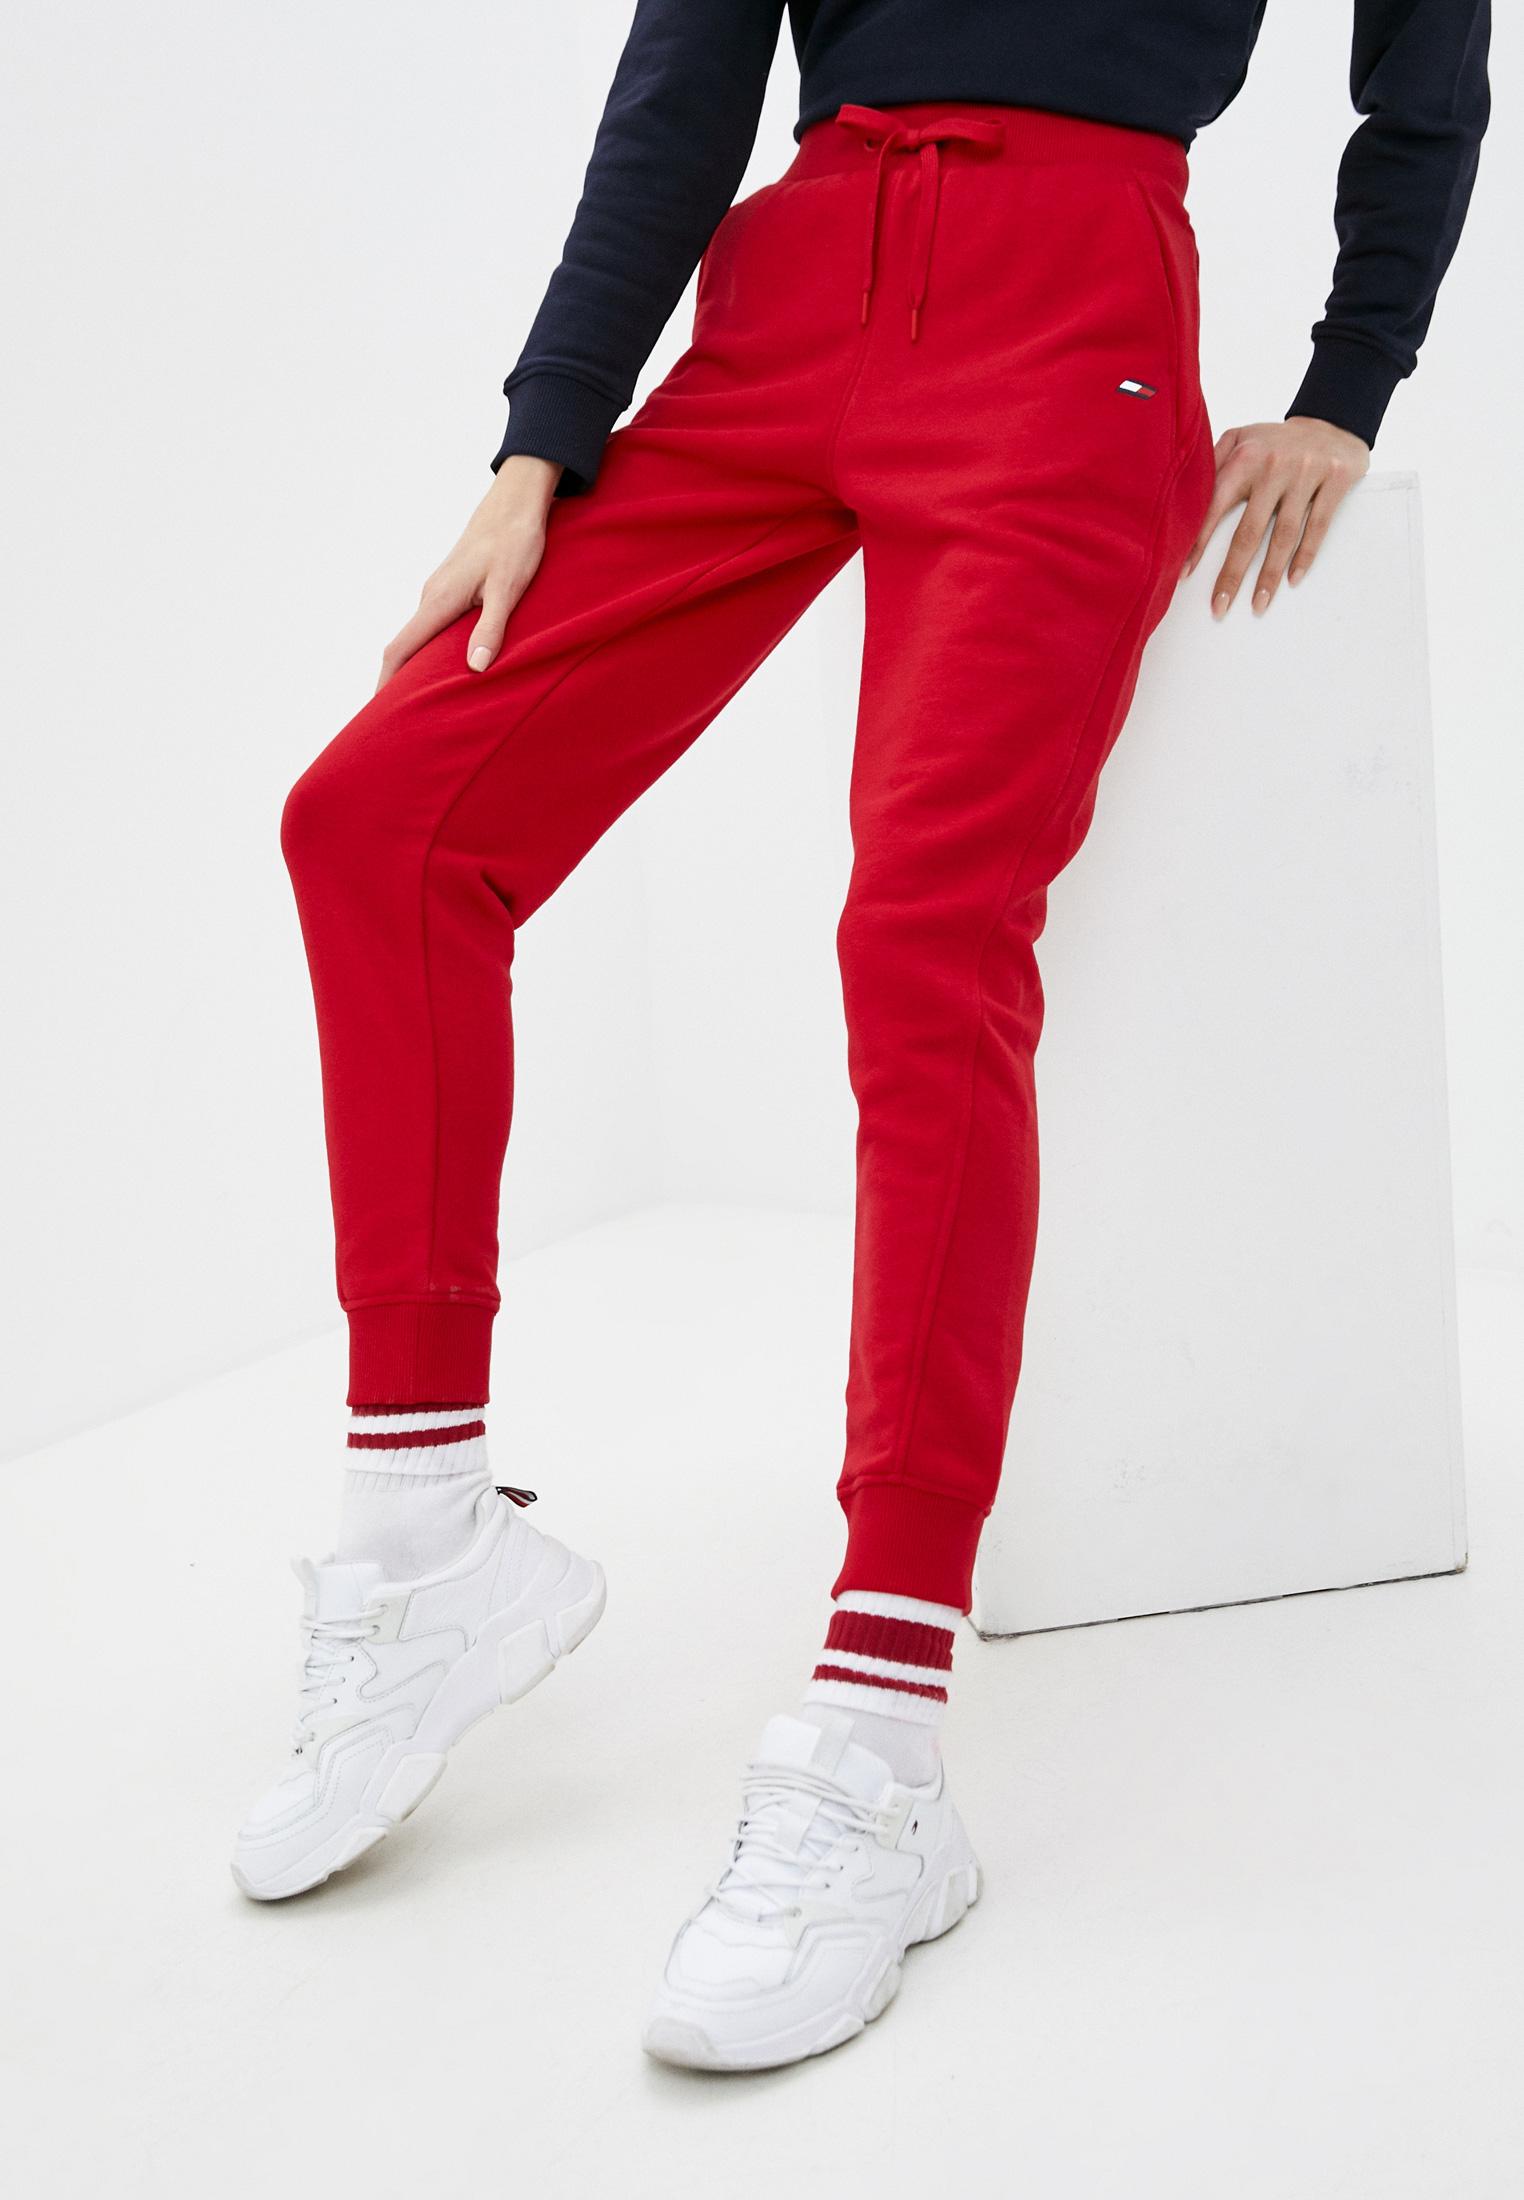 Женские спортивные брюки Tommy Hilfiger (Томми Хилфигер) Брюки спортивные Tommy Hilfiger